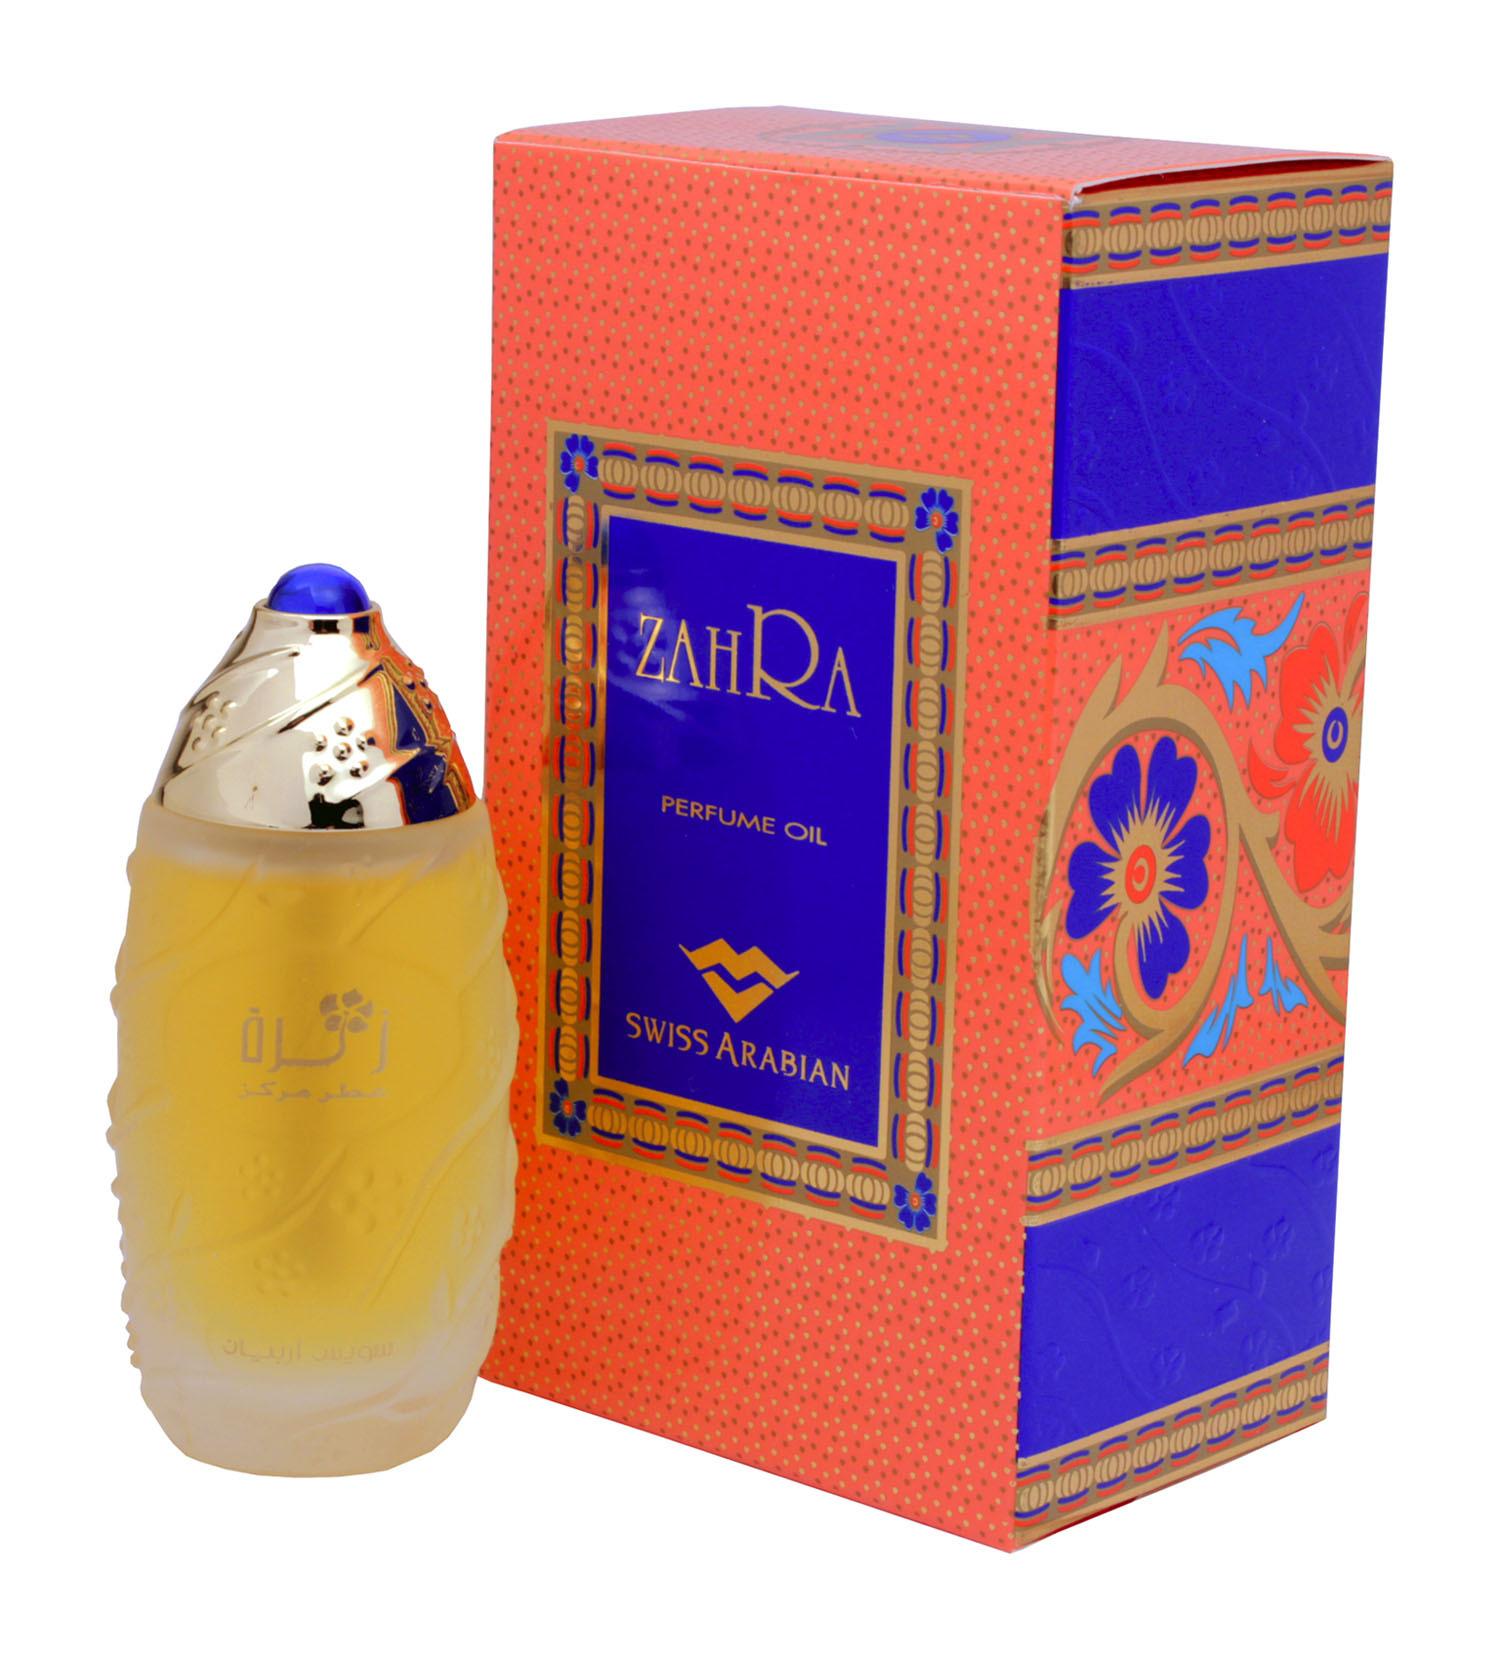 Арабские духи захра купить атомайзеры для парфюма купить в москве